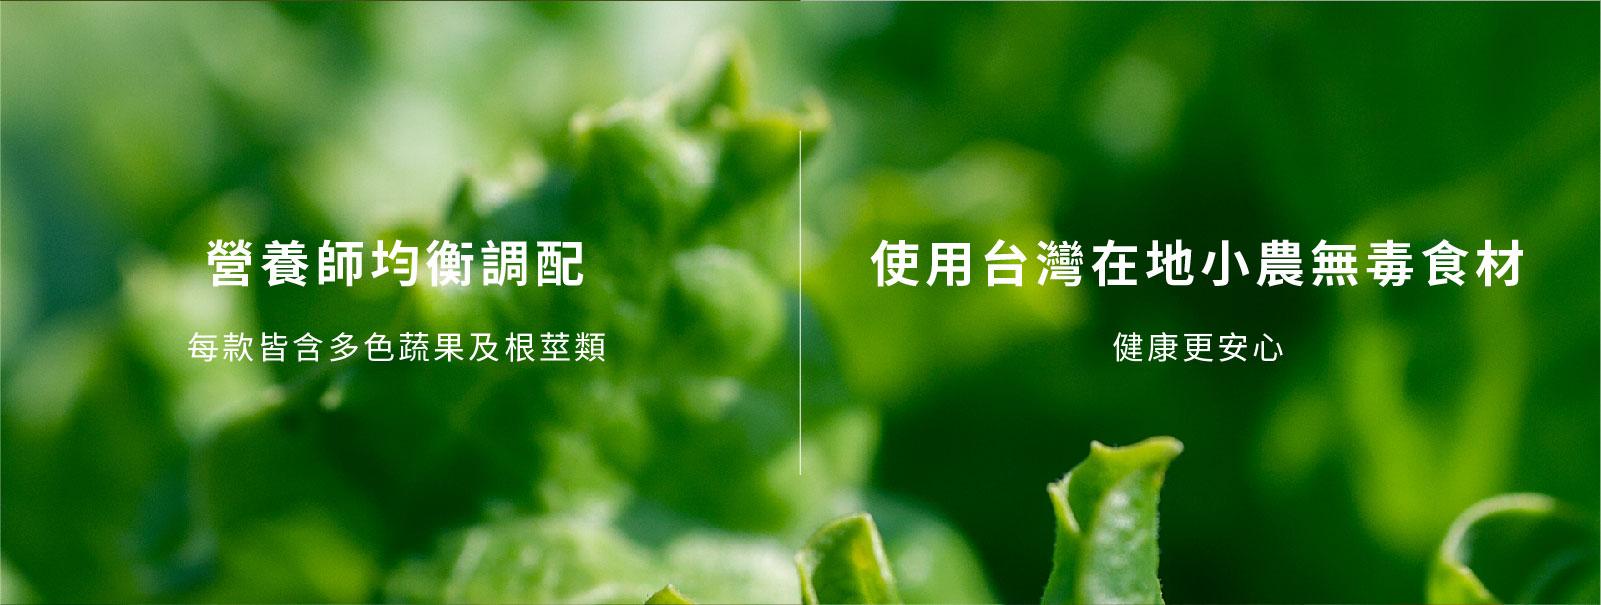 營養師均衡調配-每款沙拉皆含多種蔬果及根莖類-使用在地小農無毒食材